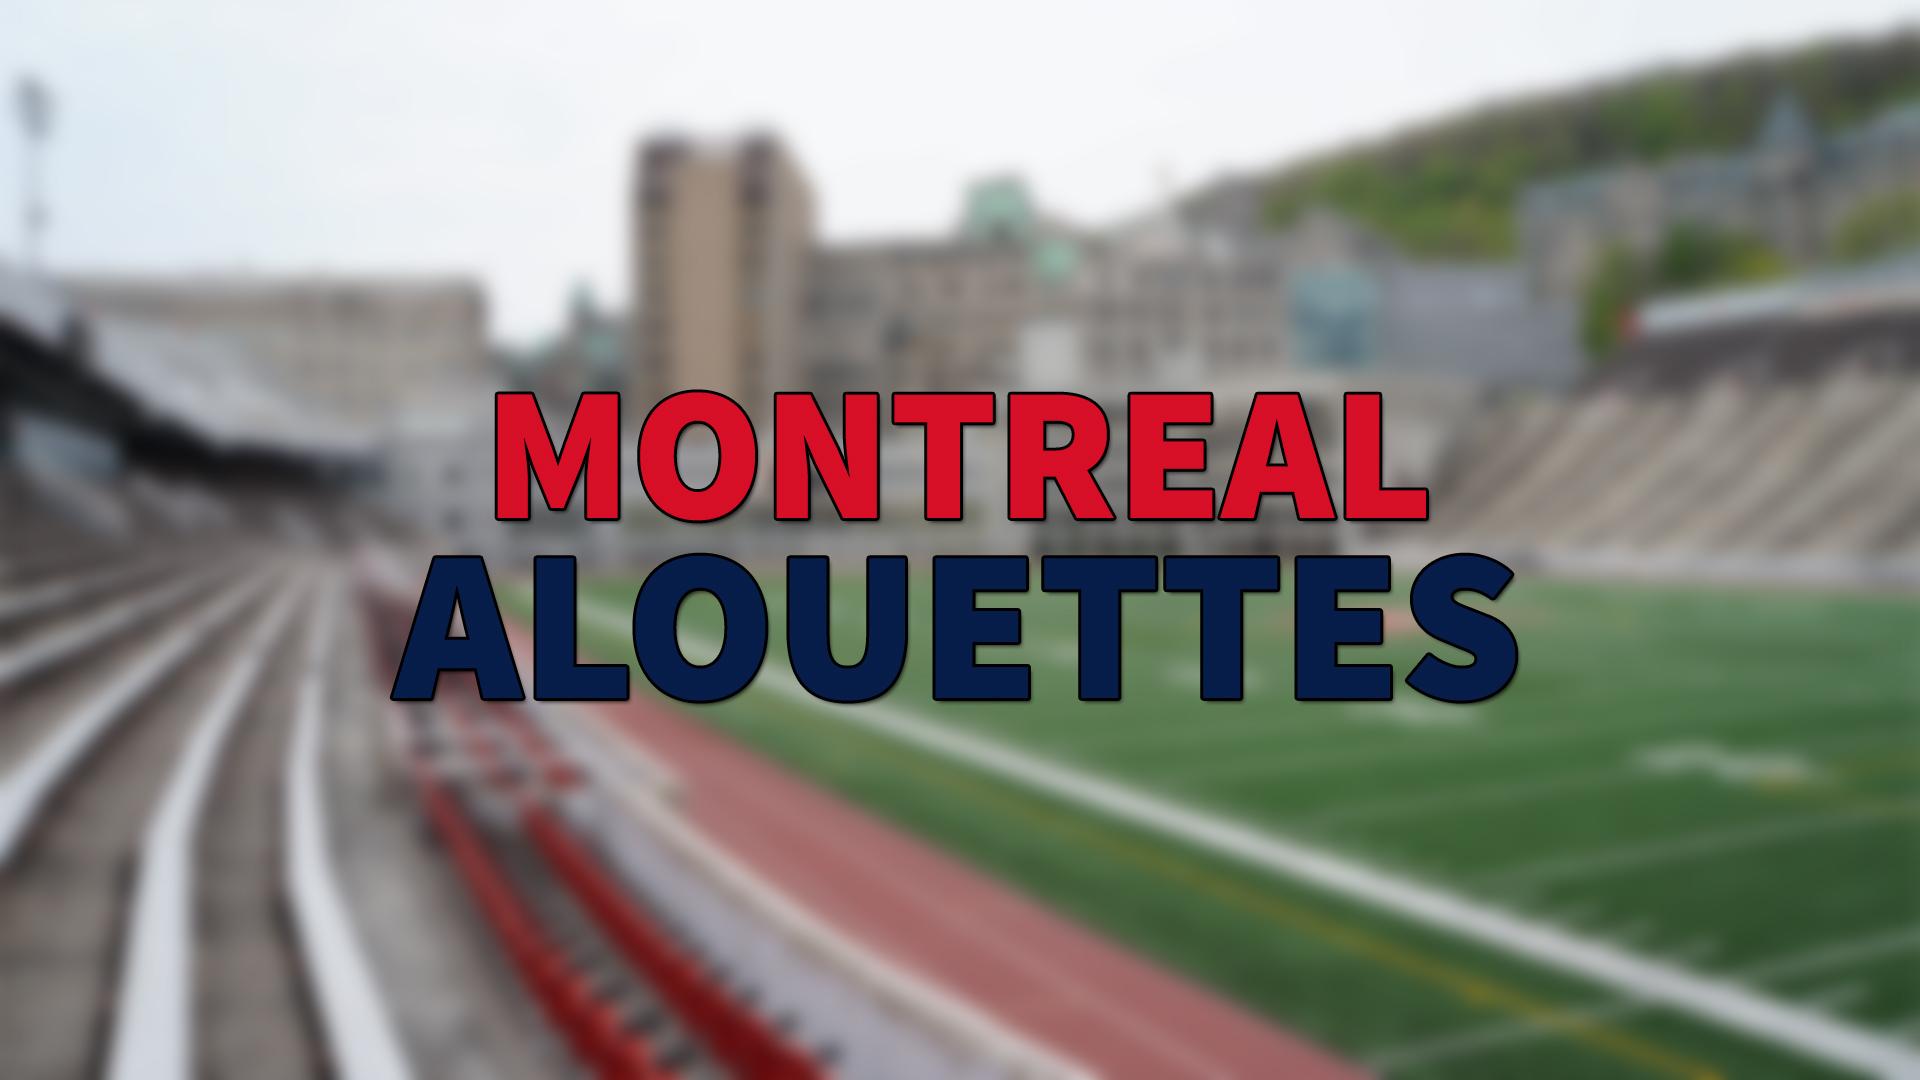 Alouettes 4 Oyuncuyu Kadrosuna Kattı | Korumalı Futbol Türkiye